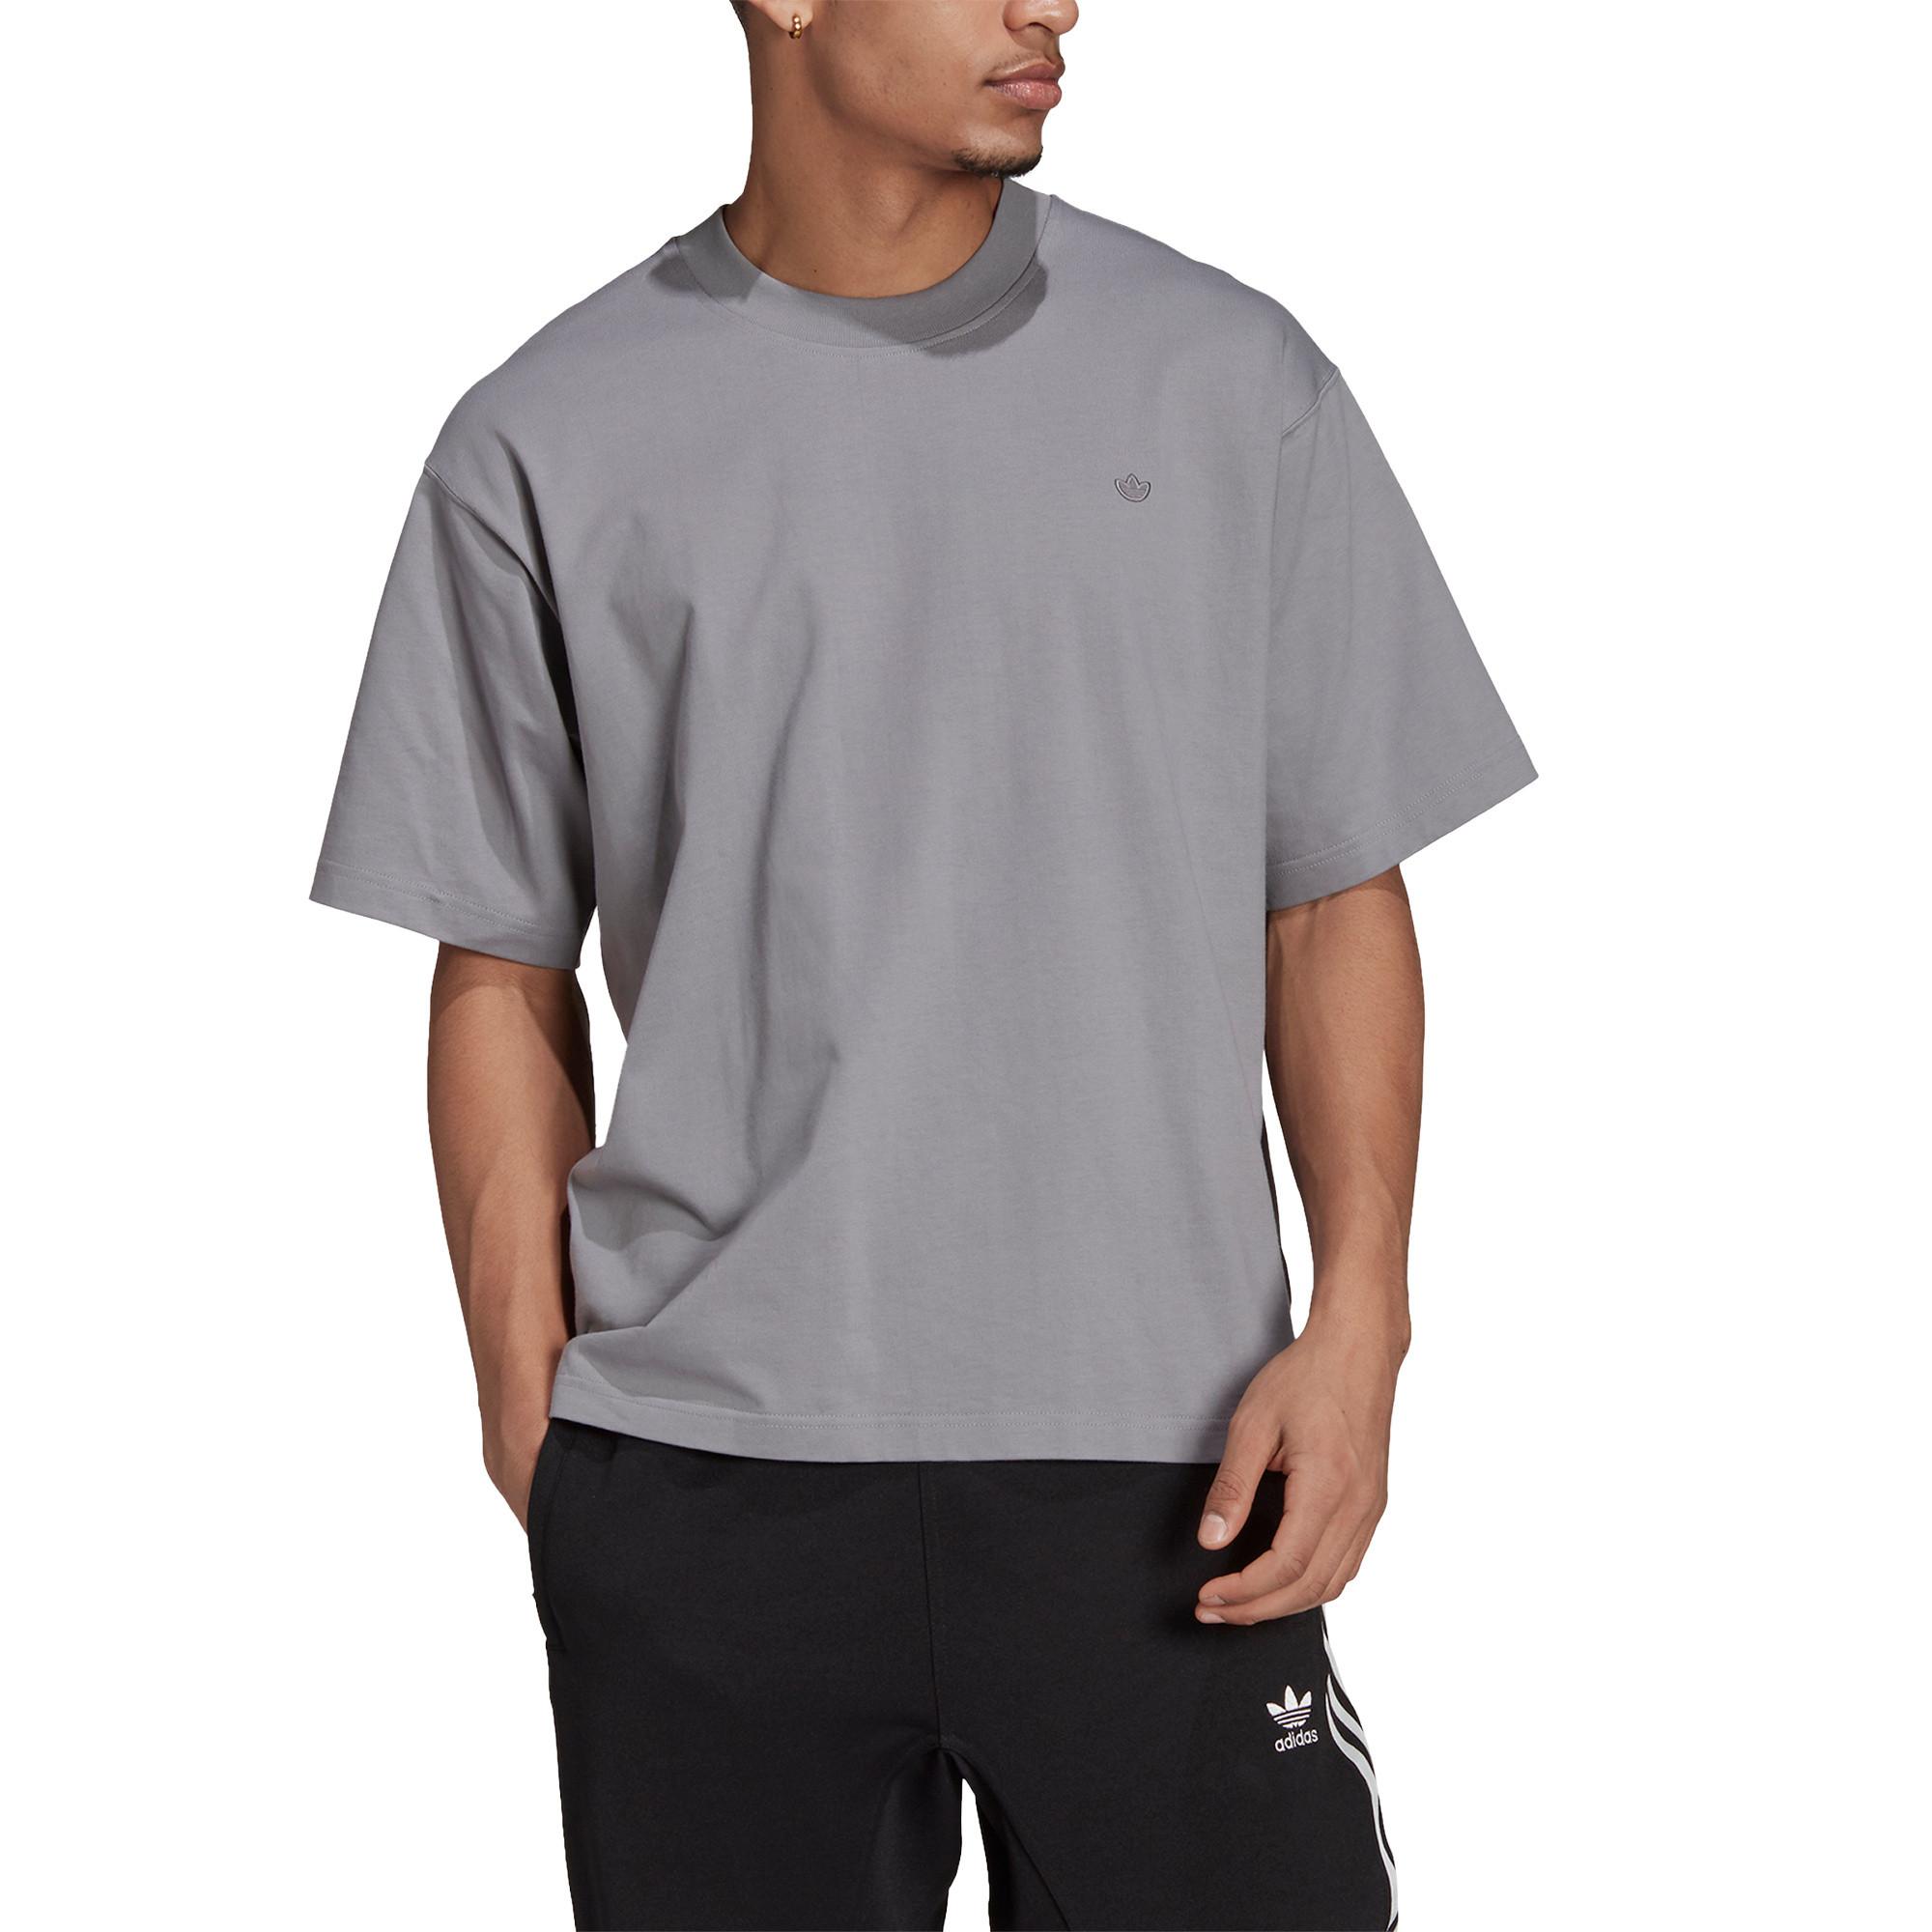 T-shirt uomo adicolor Trefoil, Grigio, large image number 3